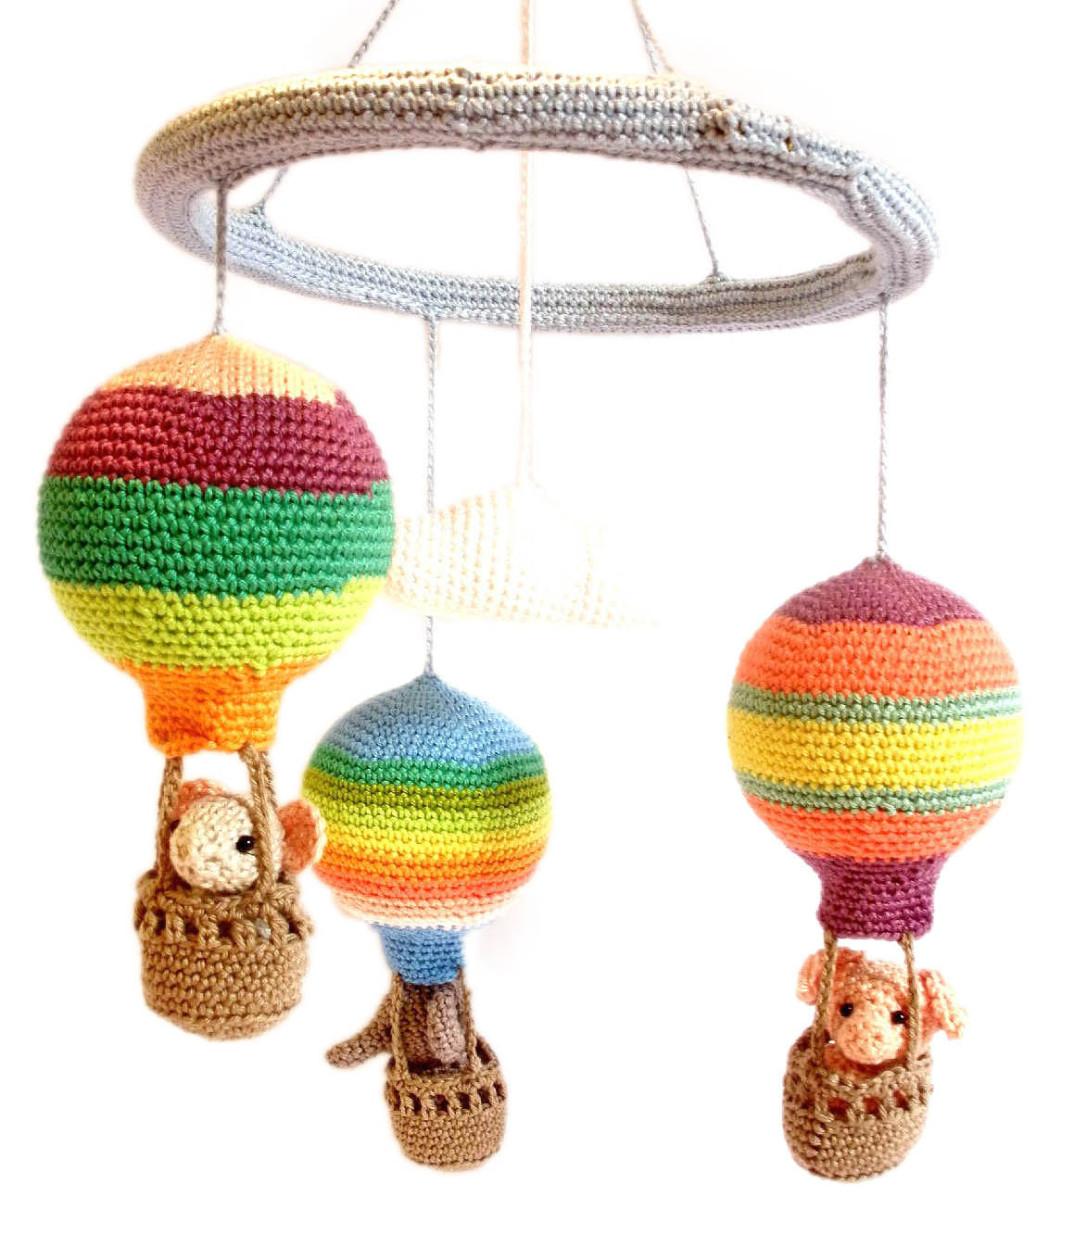 Giocattoli e decorazioni all 39 uncinetto di crochet on a - Decorazioni uncinetto ...